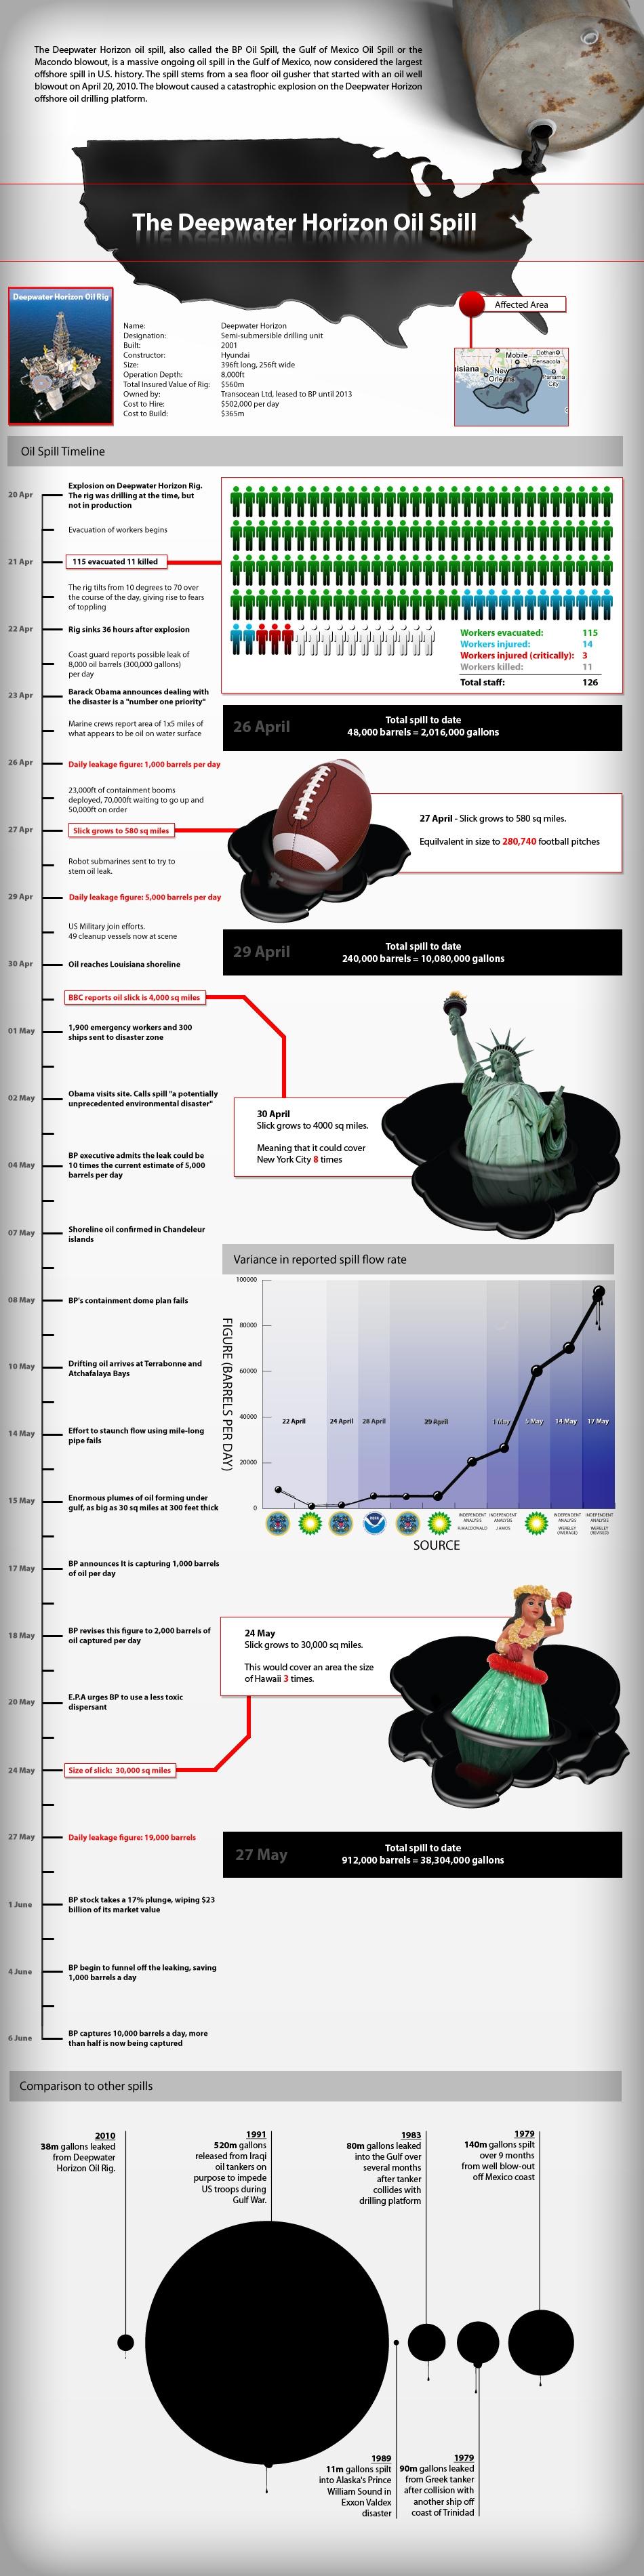 oil-spill-timeline-full-size